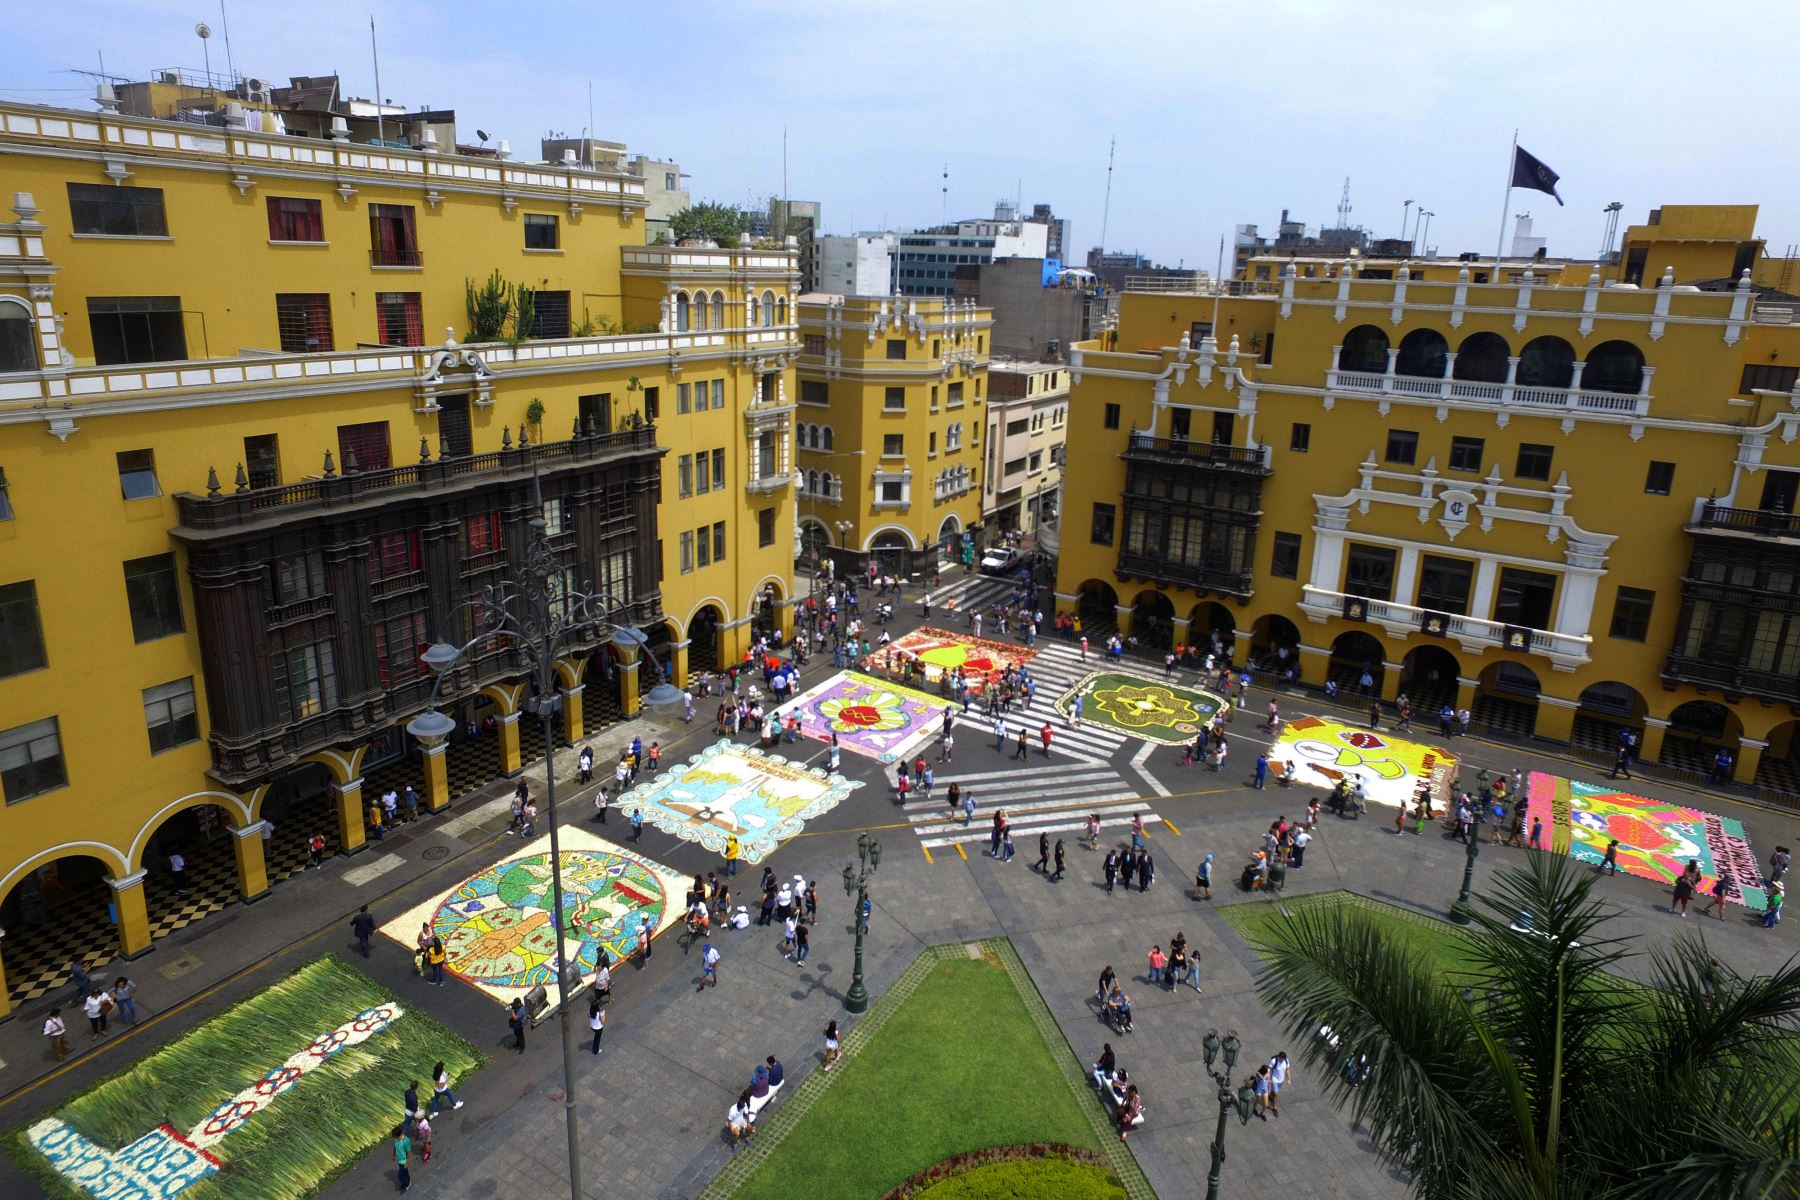 Cinco emblemáticos destinos peruanos se ubicaron entre los más populares de Sudamérica, destacó el portal de viajes TripAdvisor, luego de recoger las opiniones y comentarios sobre las experiencias de viajeros de diversas partes del mundo que visitaron el subcontinente americano. ANDINA/Jhony Laurente